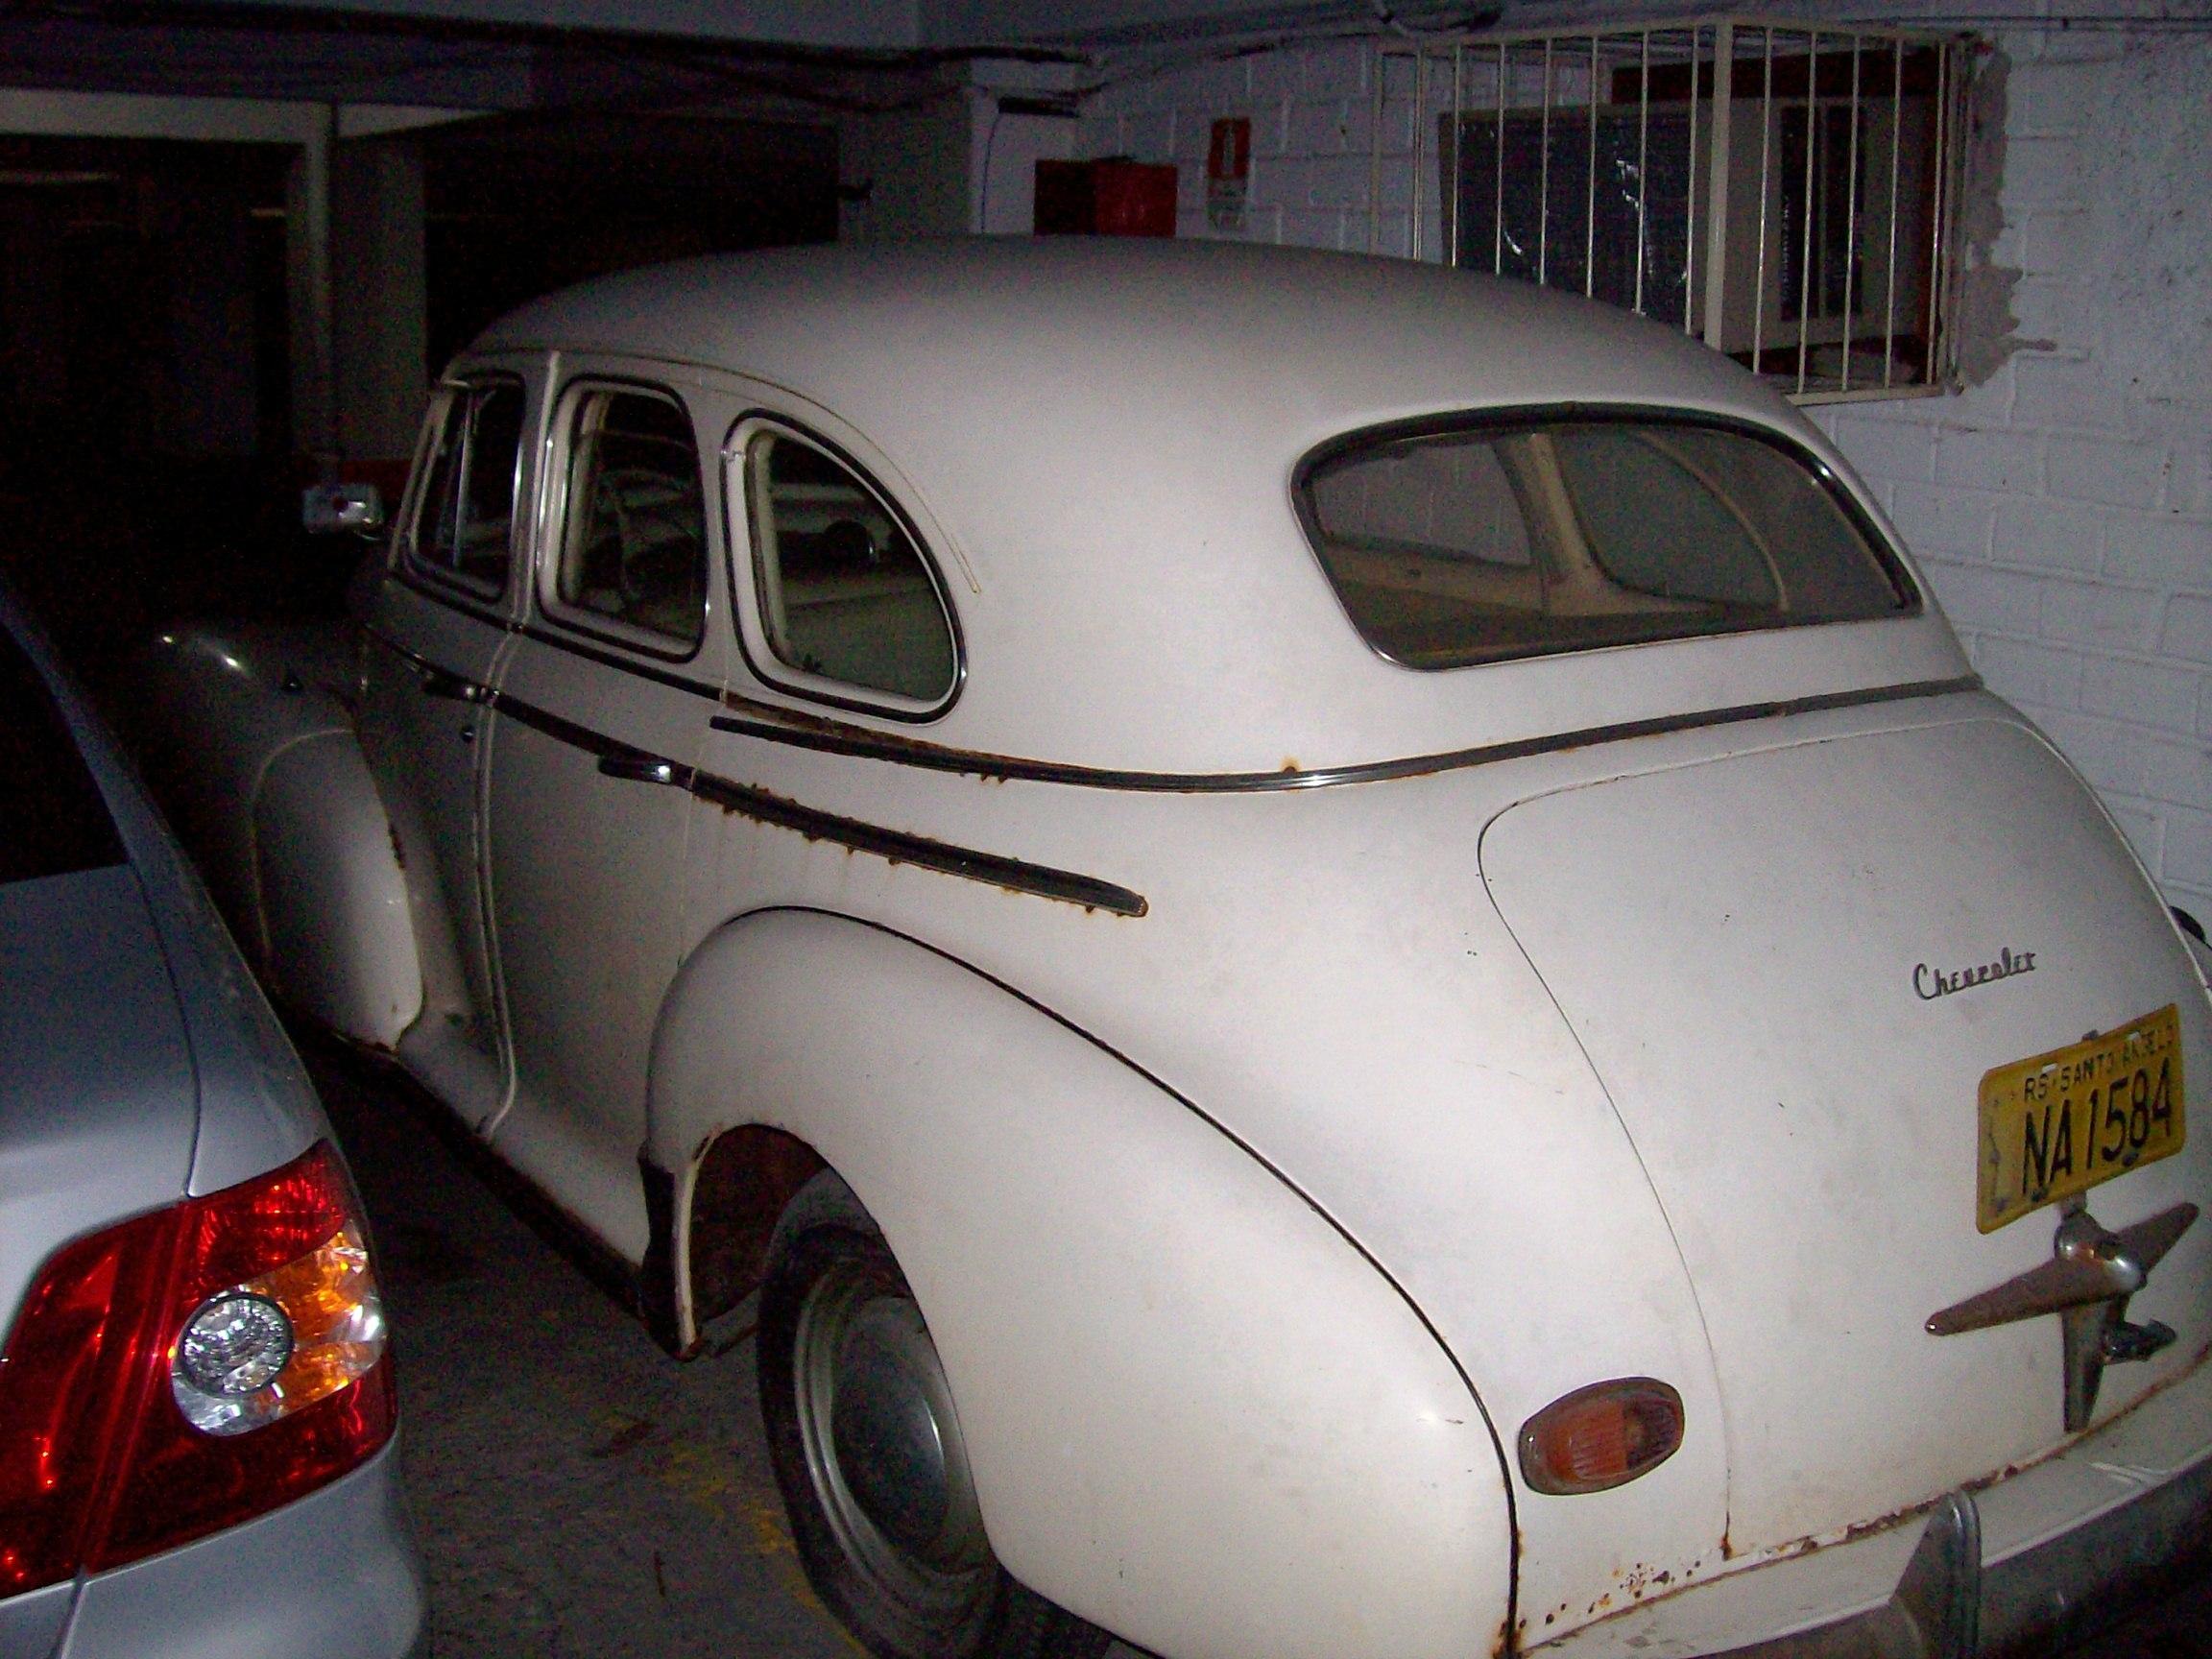 ualexandre-chevrolet-special-de-luxe-1946-2 Chevrolet Special de Luxe 1946